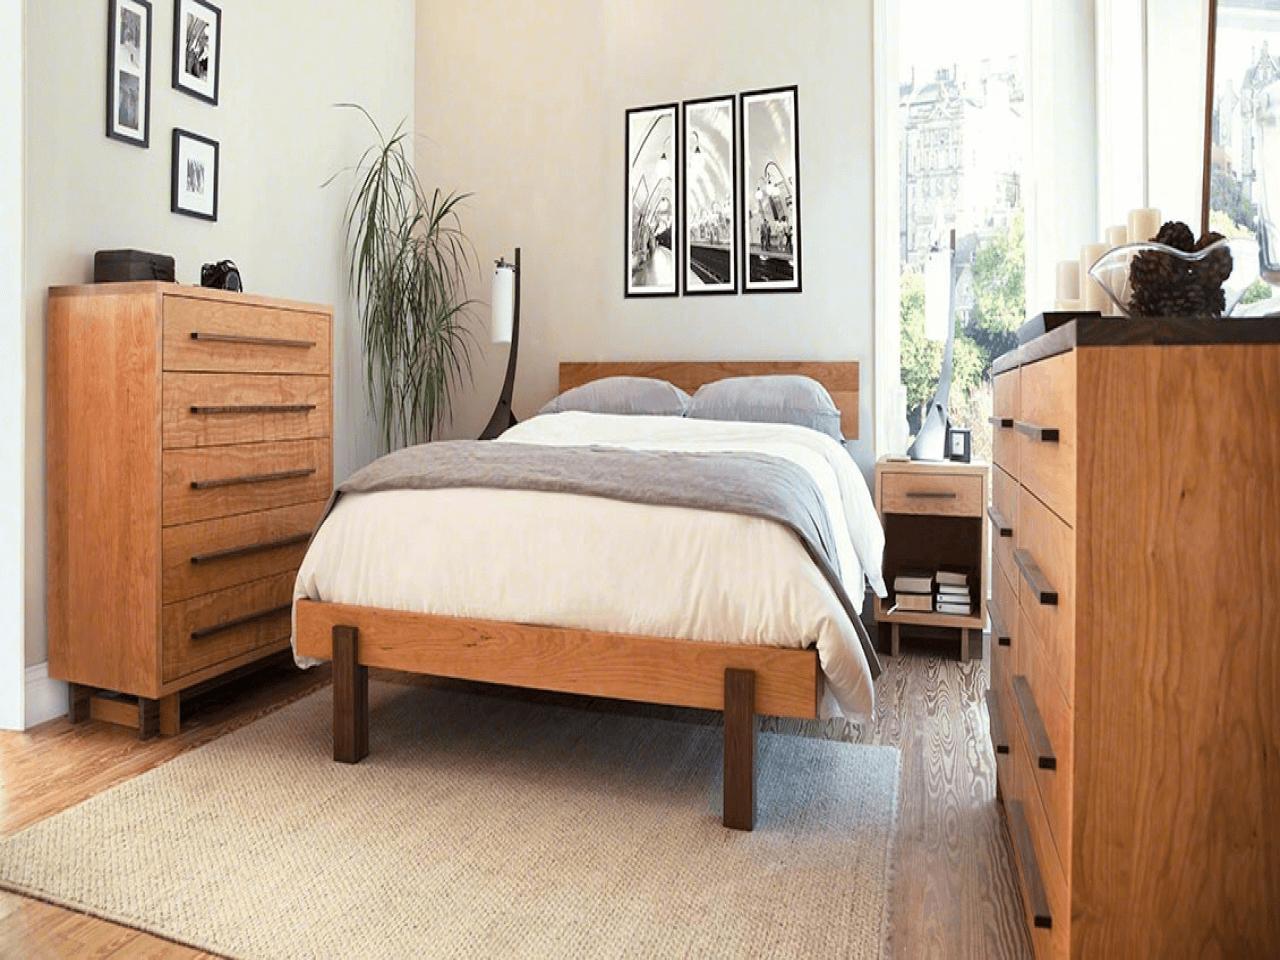 Small master bedroom makeover ideas DIY